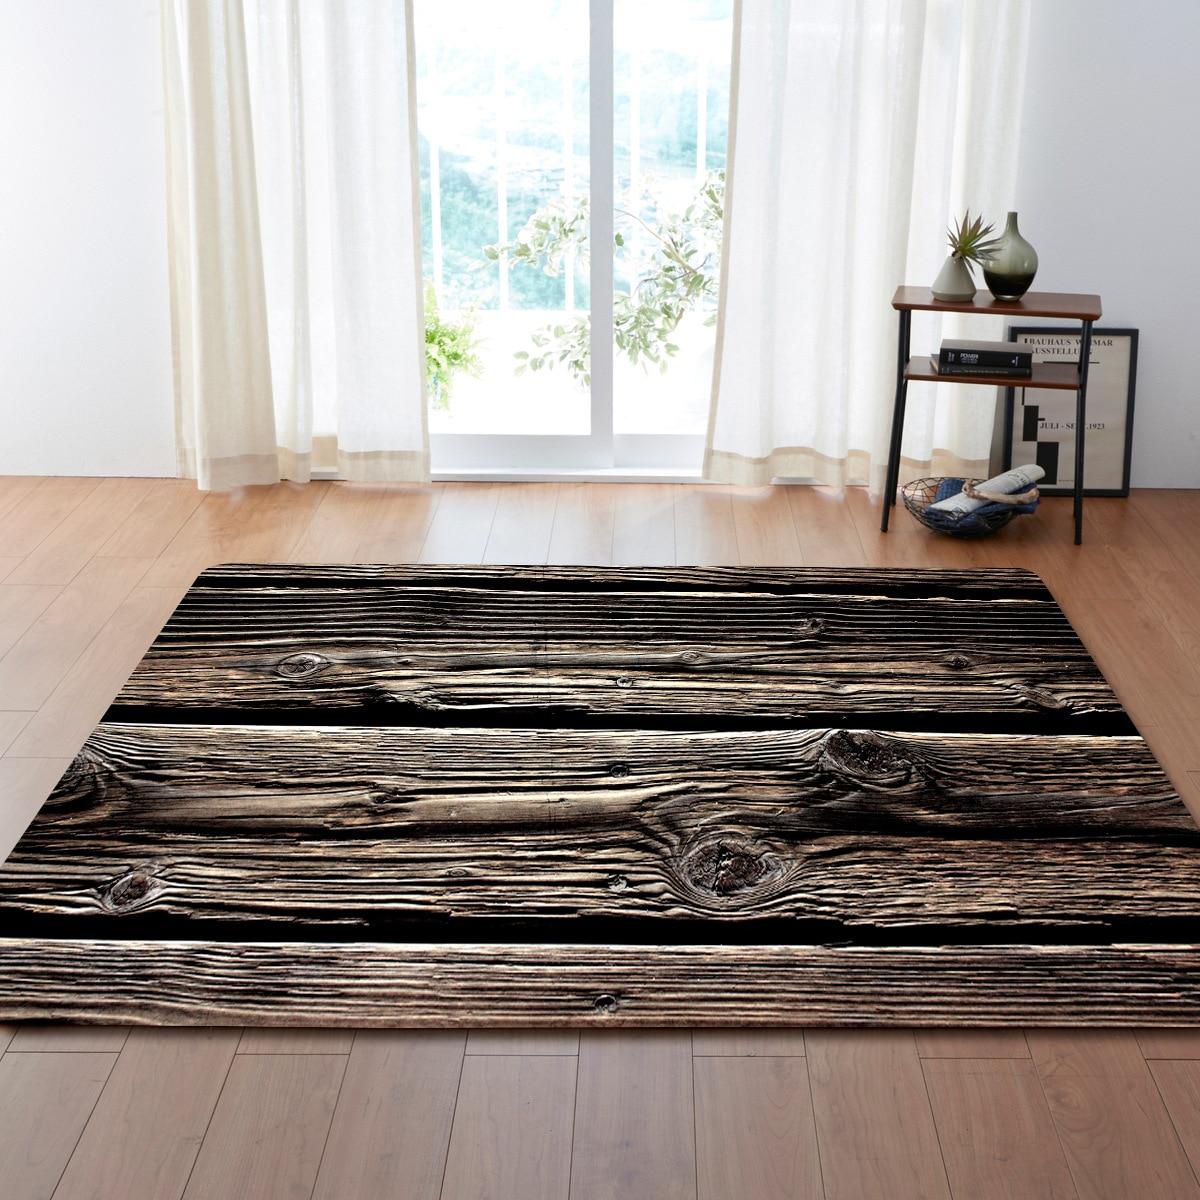 WUJIE Wood Grain Pattern Carpets For Living Room Vintage Striped Aera Rugs Large Bedroom Anti-slip Floor Mat Home Decoration